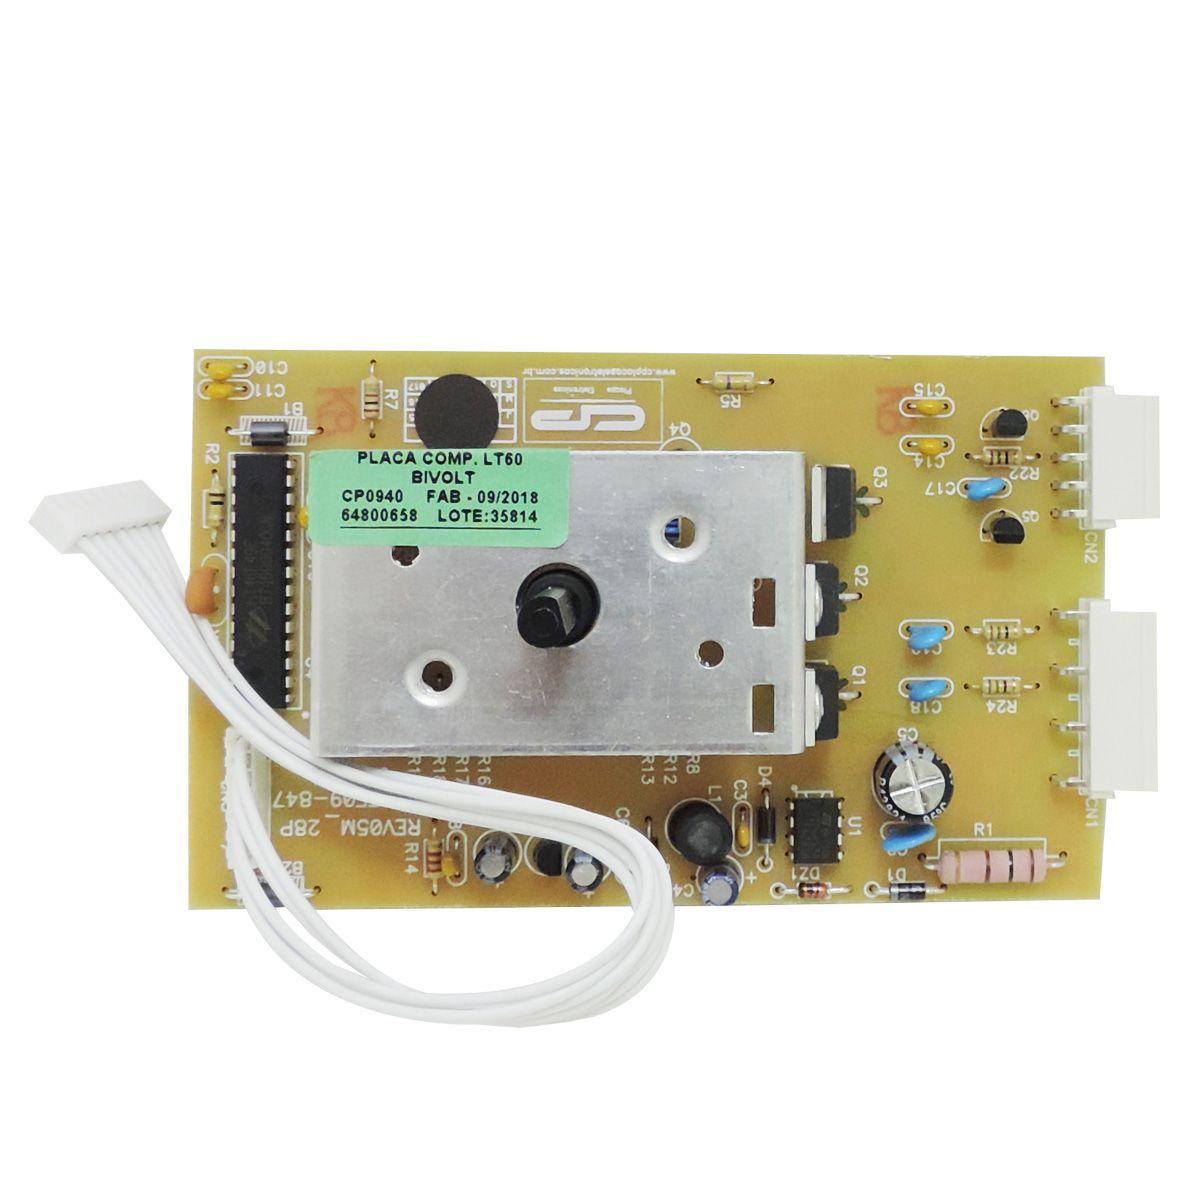 Placa Potência Cp Bivolt Lavadora Electrolux Lt60 64800658